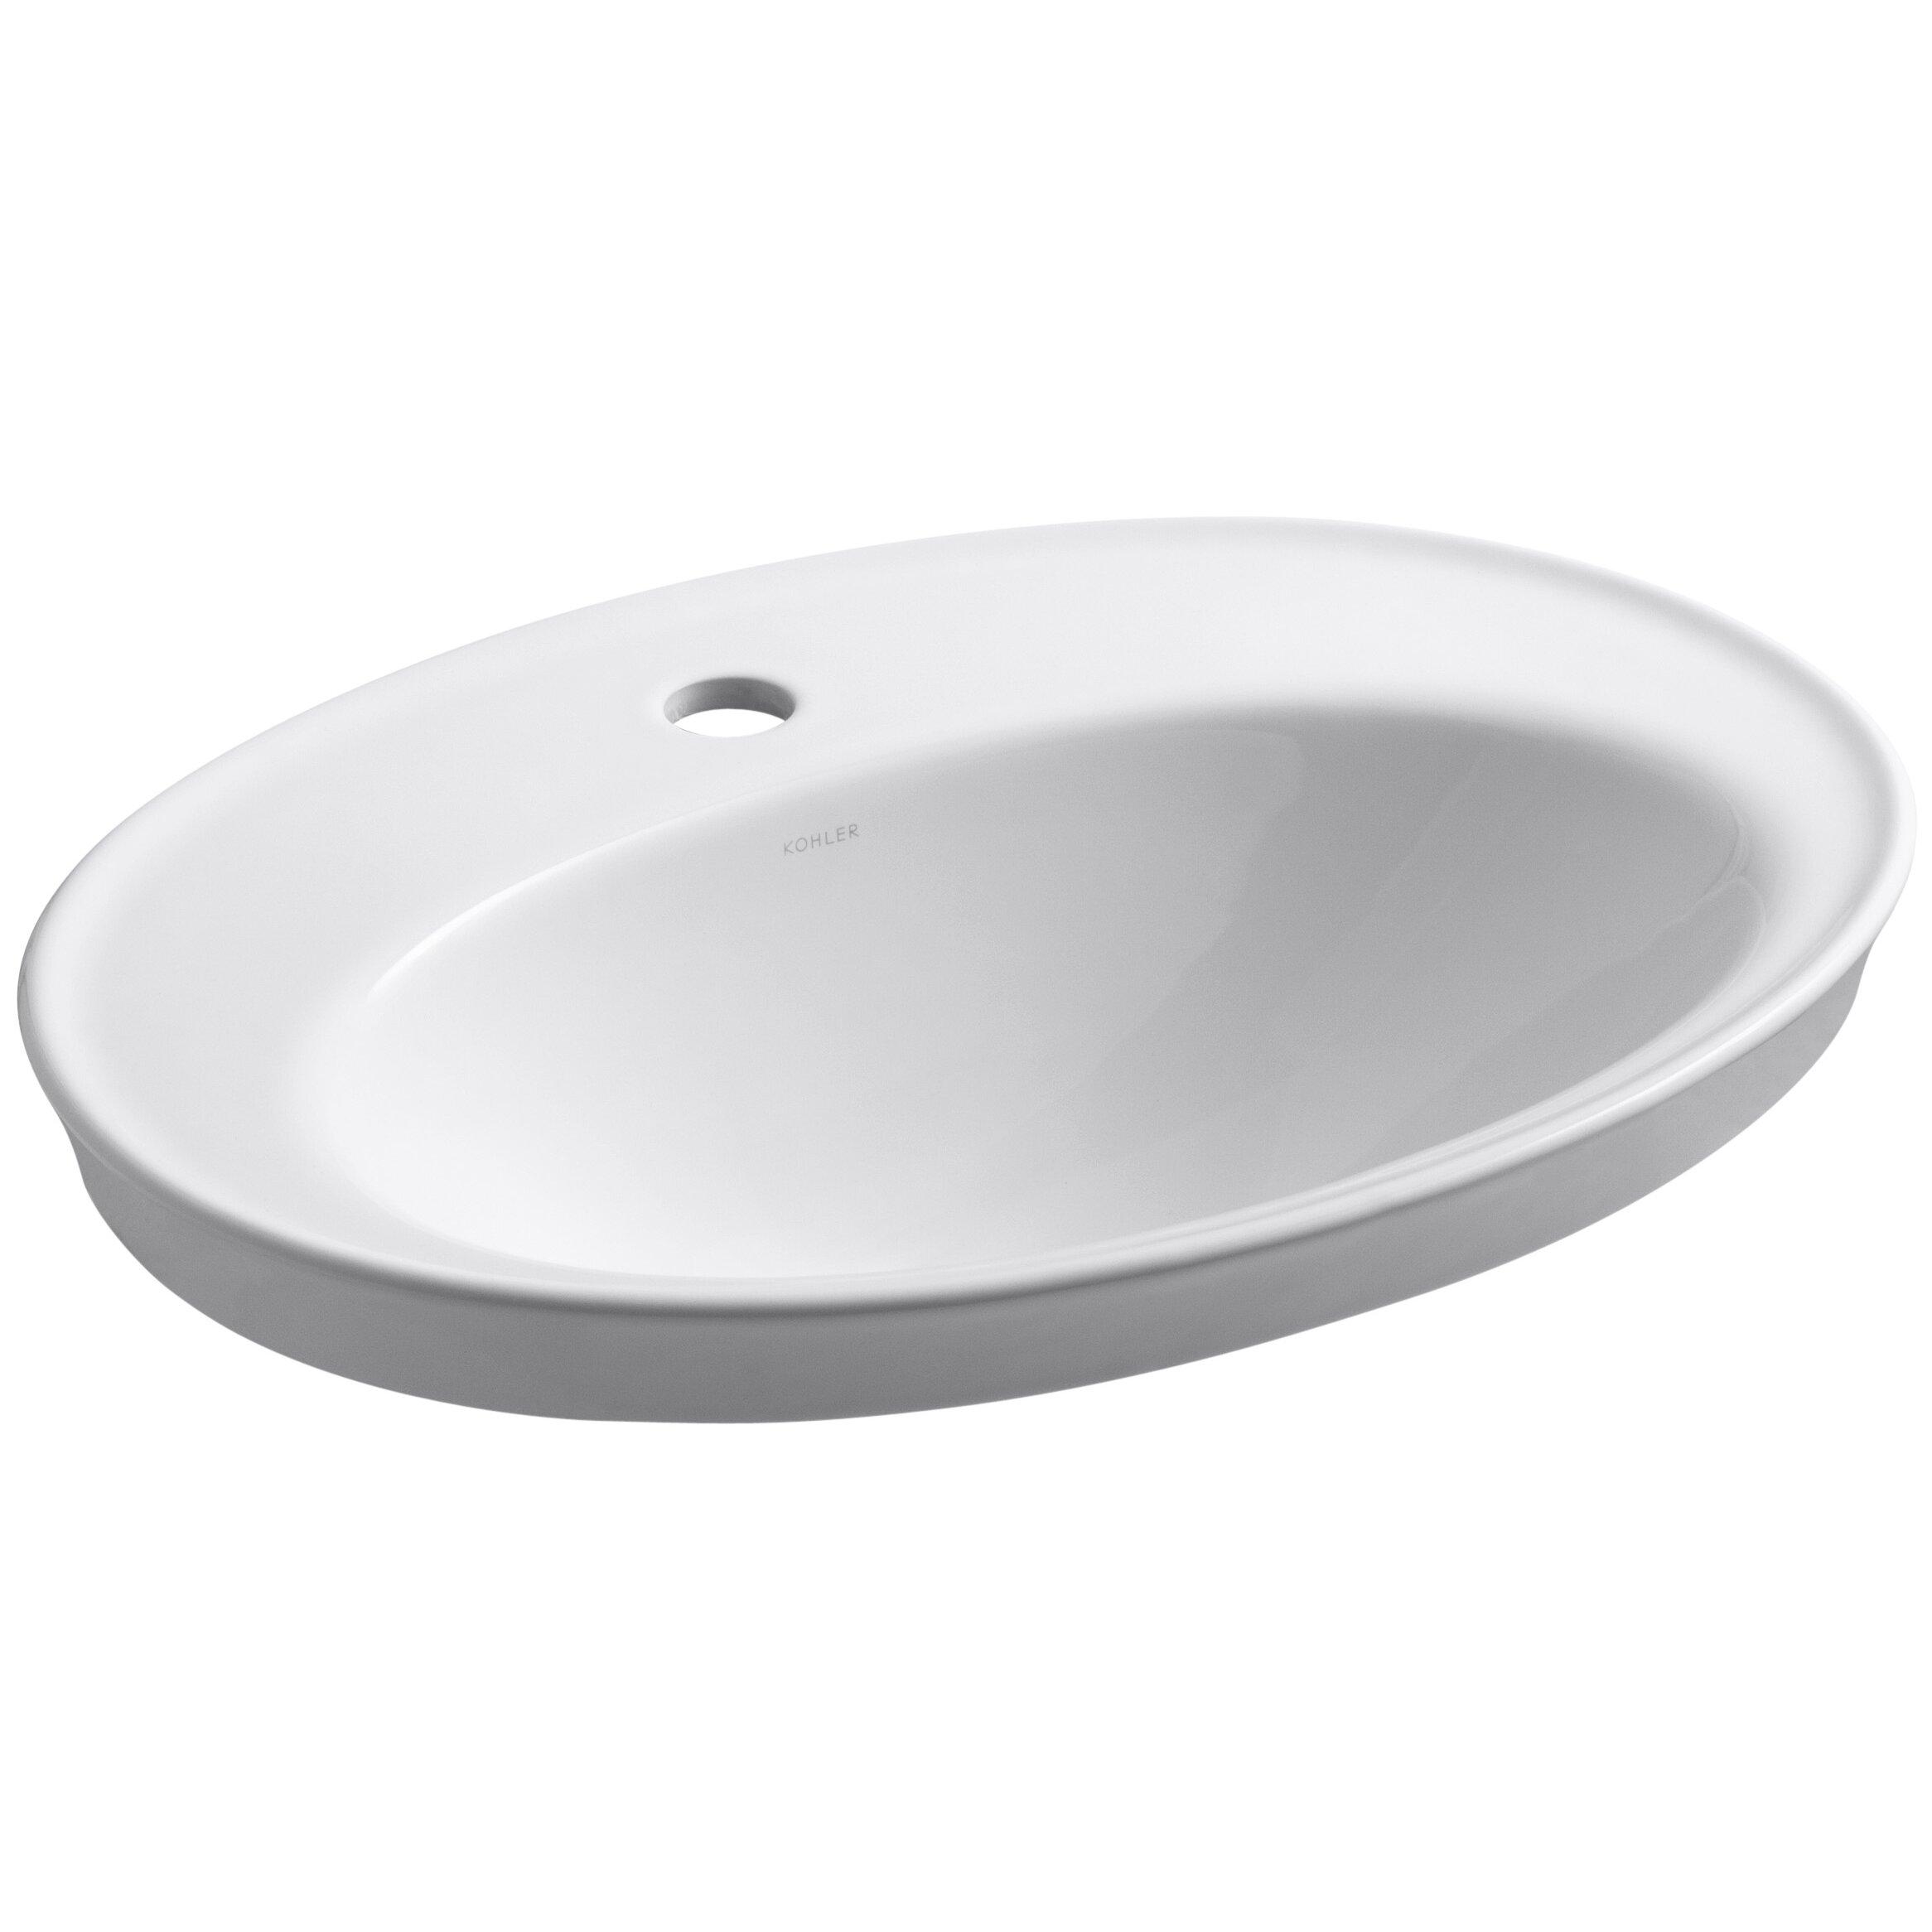 Kohler Serif Drop In Bathroom Sink & Reviews